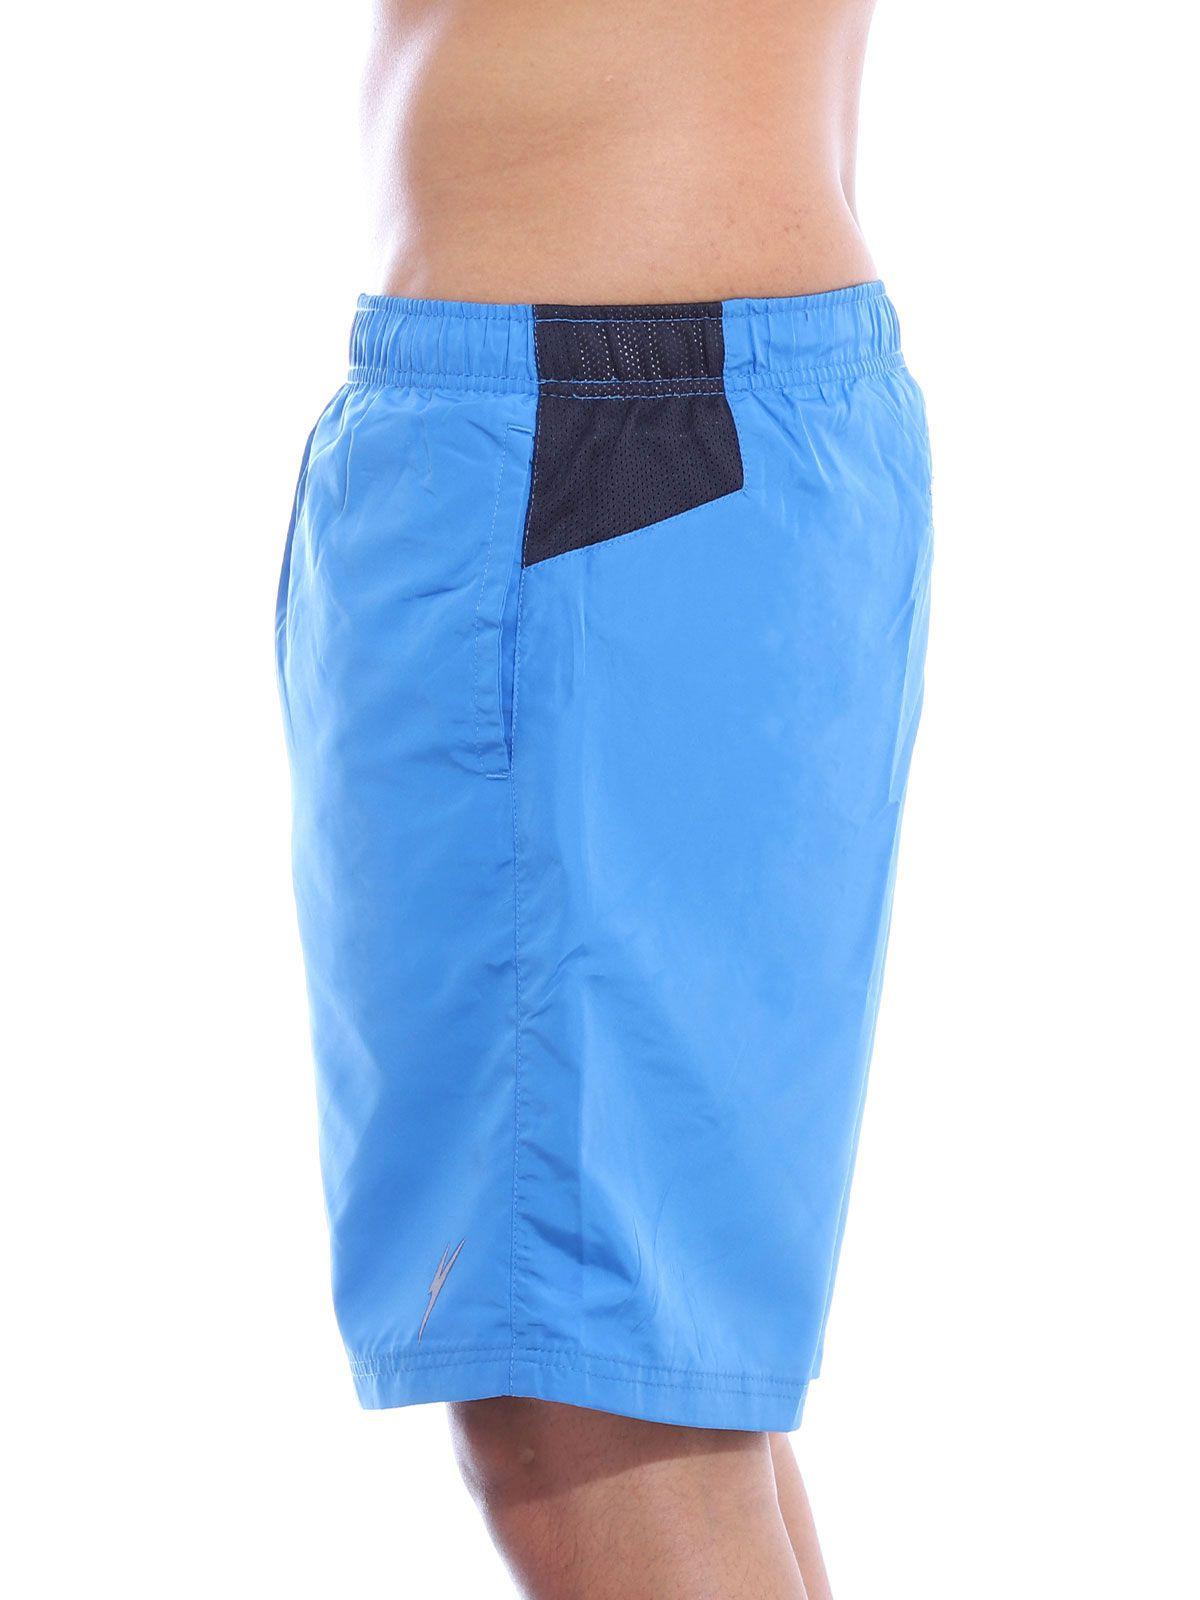 Short Fitness Anistia Traseiro com Zipper Azul